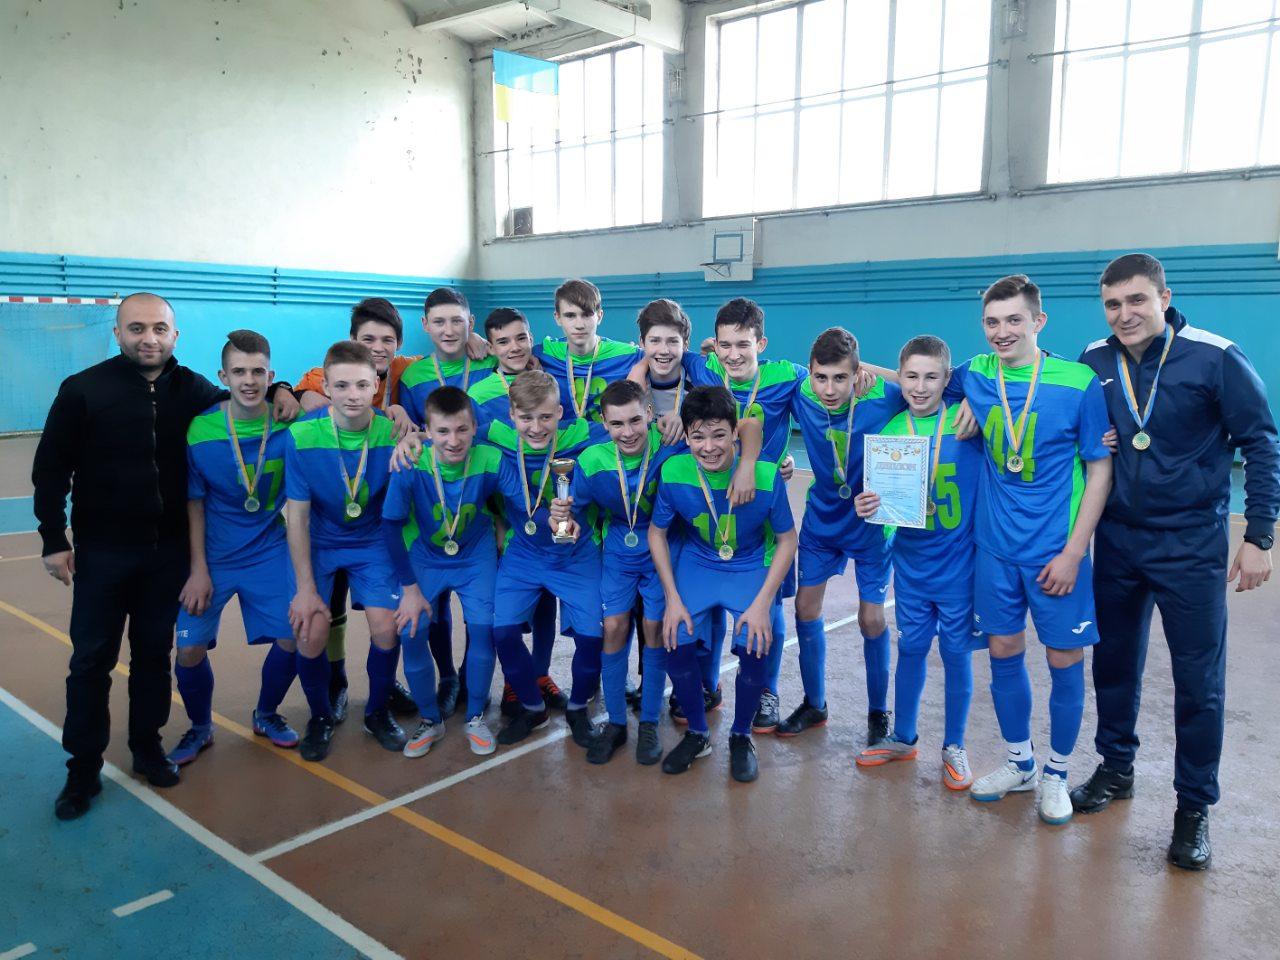 Результати фінального етапу Чемпіонату Херсонської області з футзалу серед команд юнаків U-16